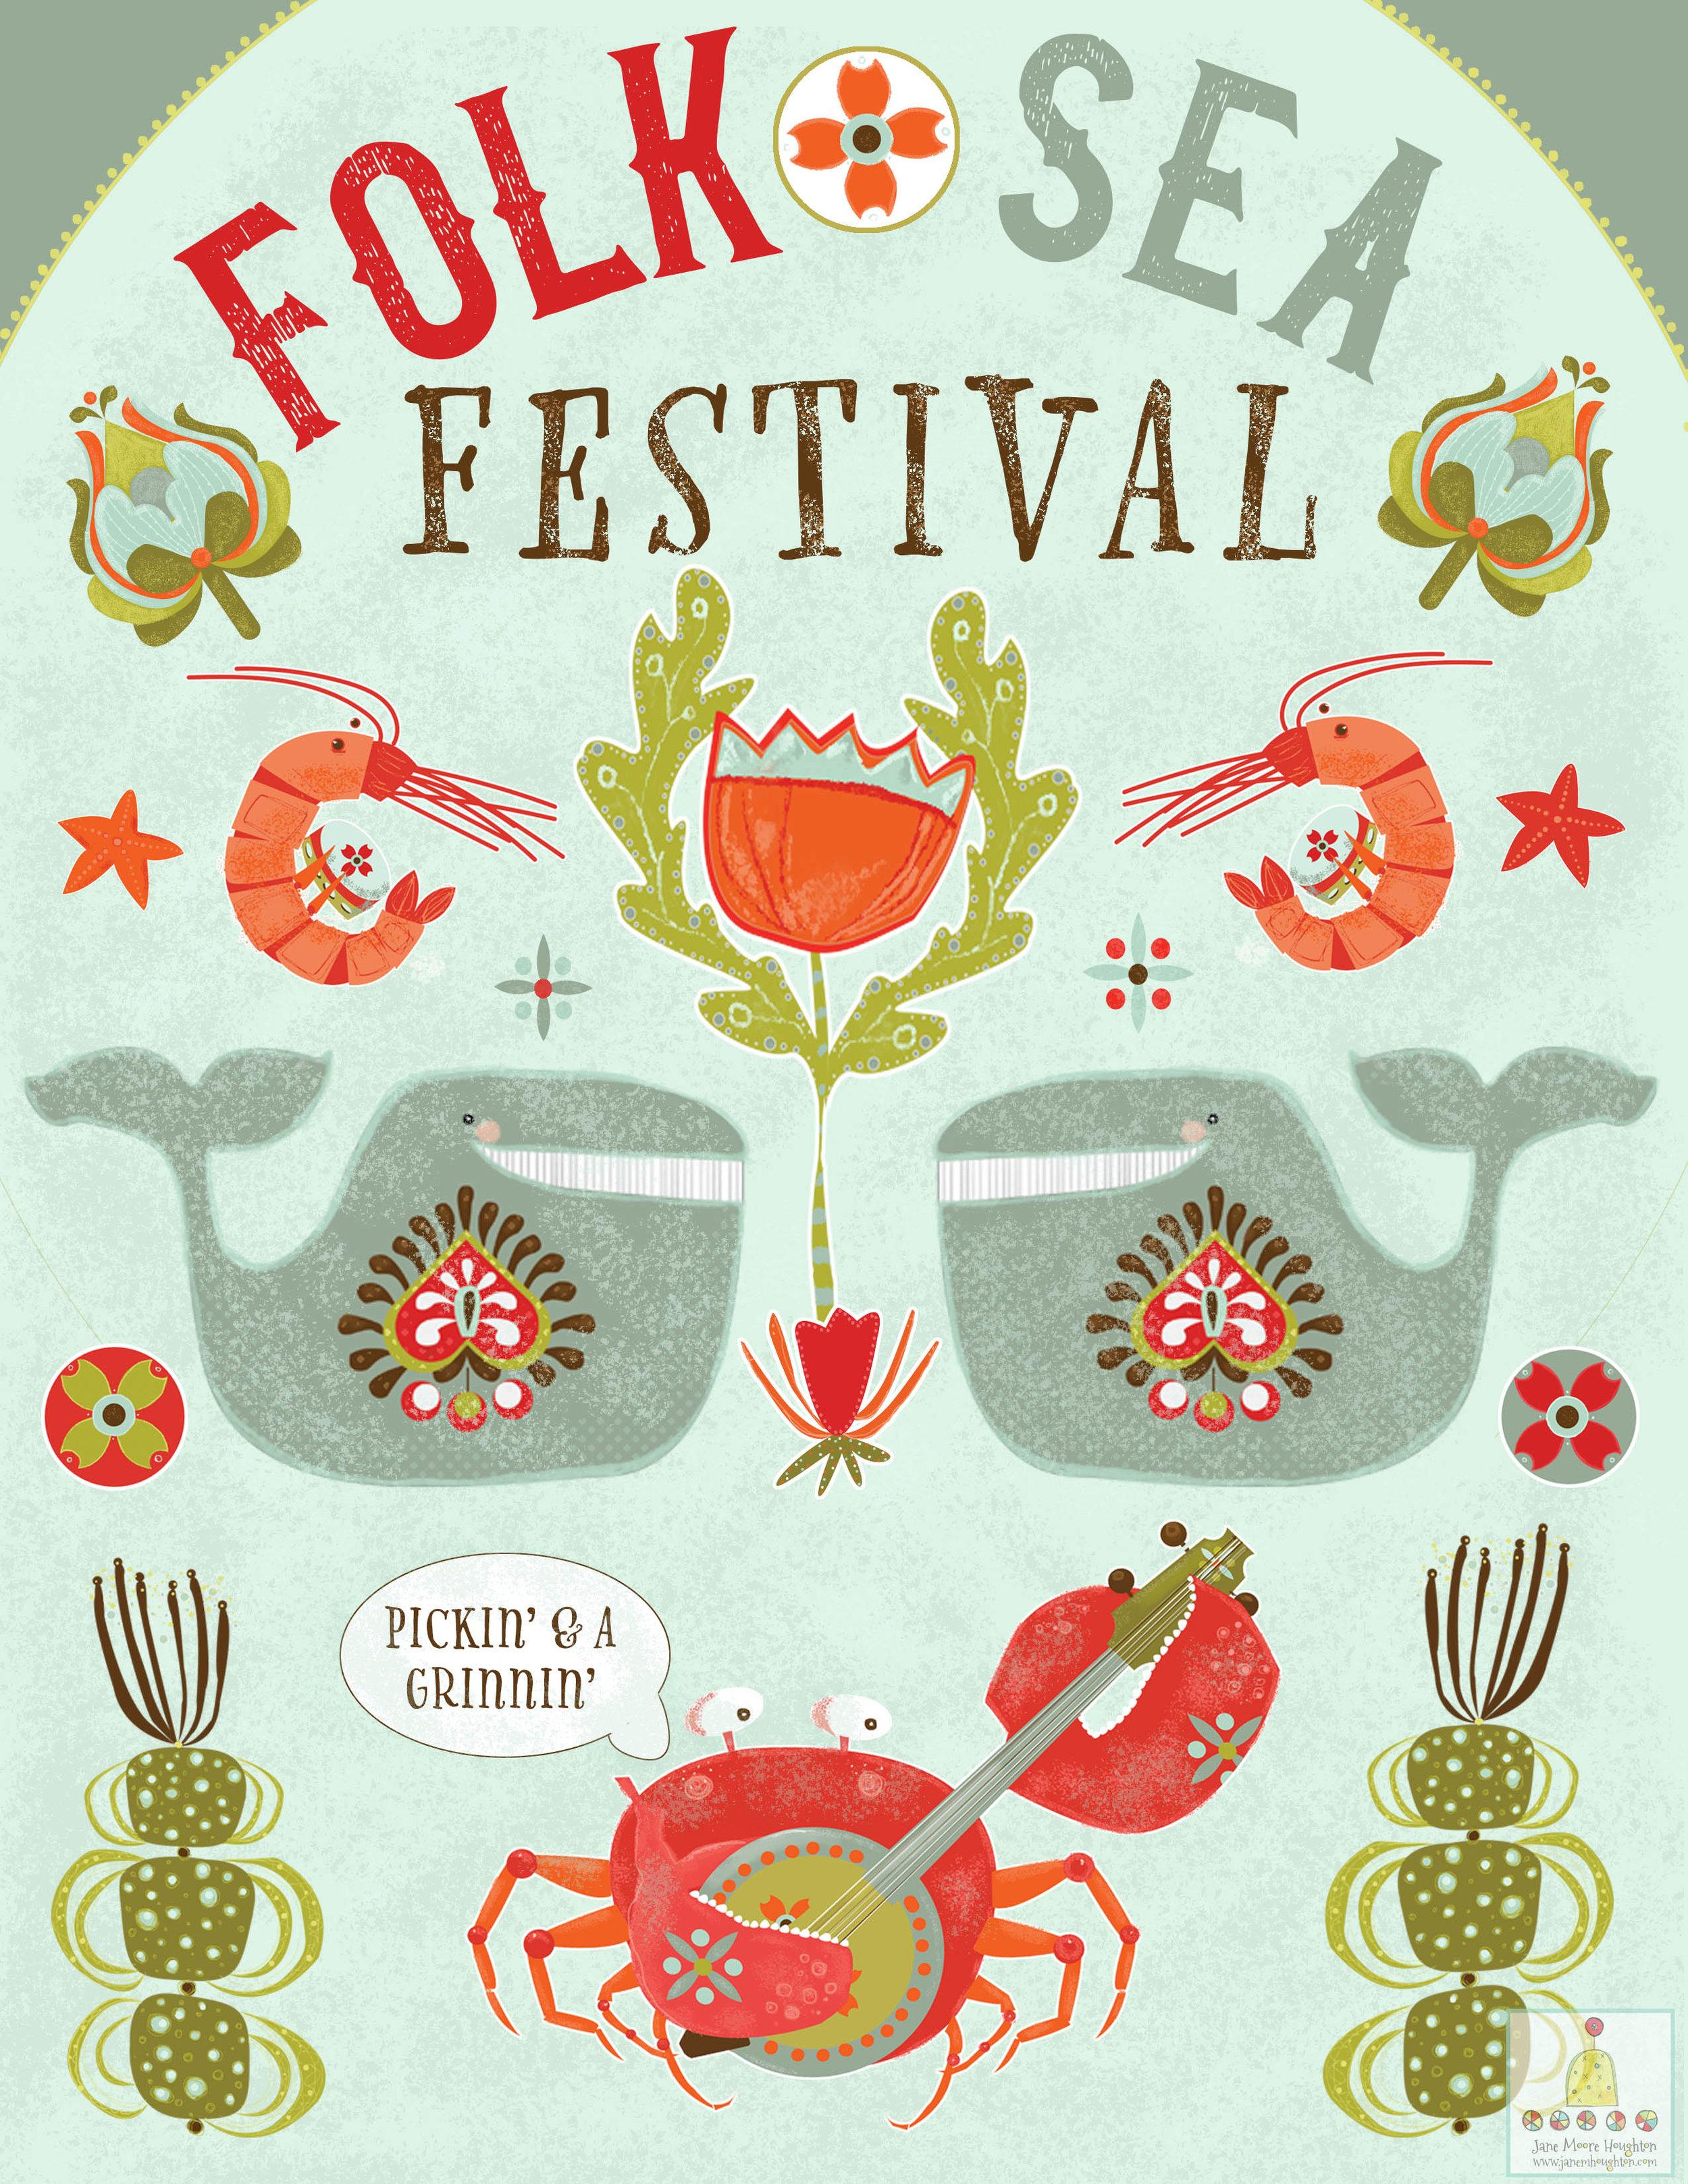 Folk_Sea Festival Poster online.jpg